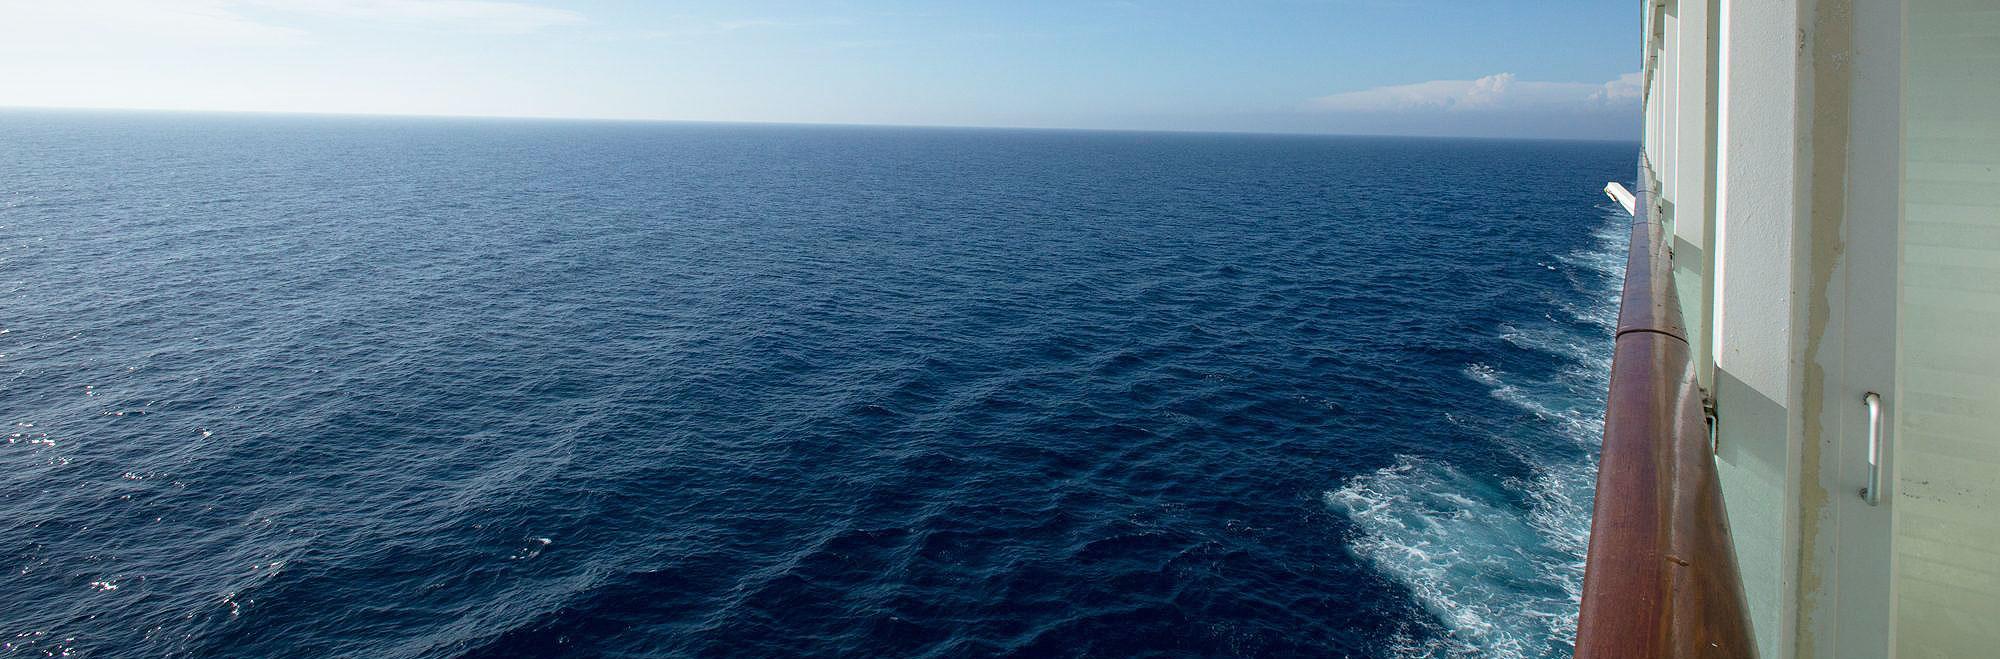 船舶・海洋システム事業